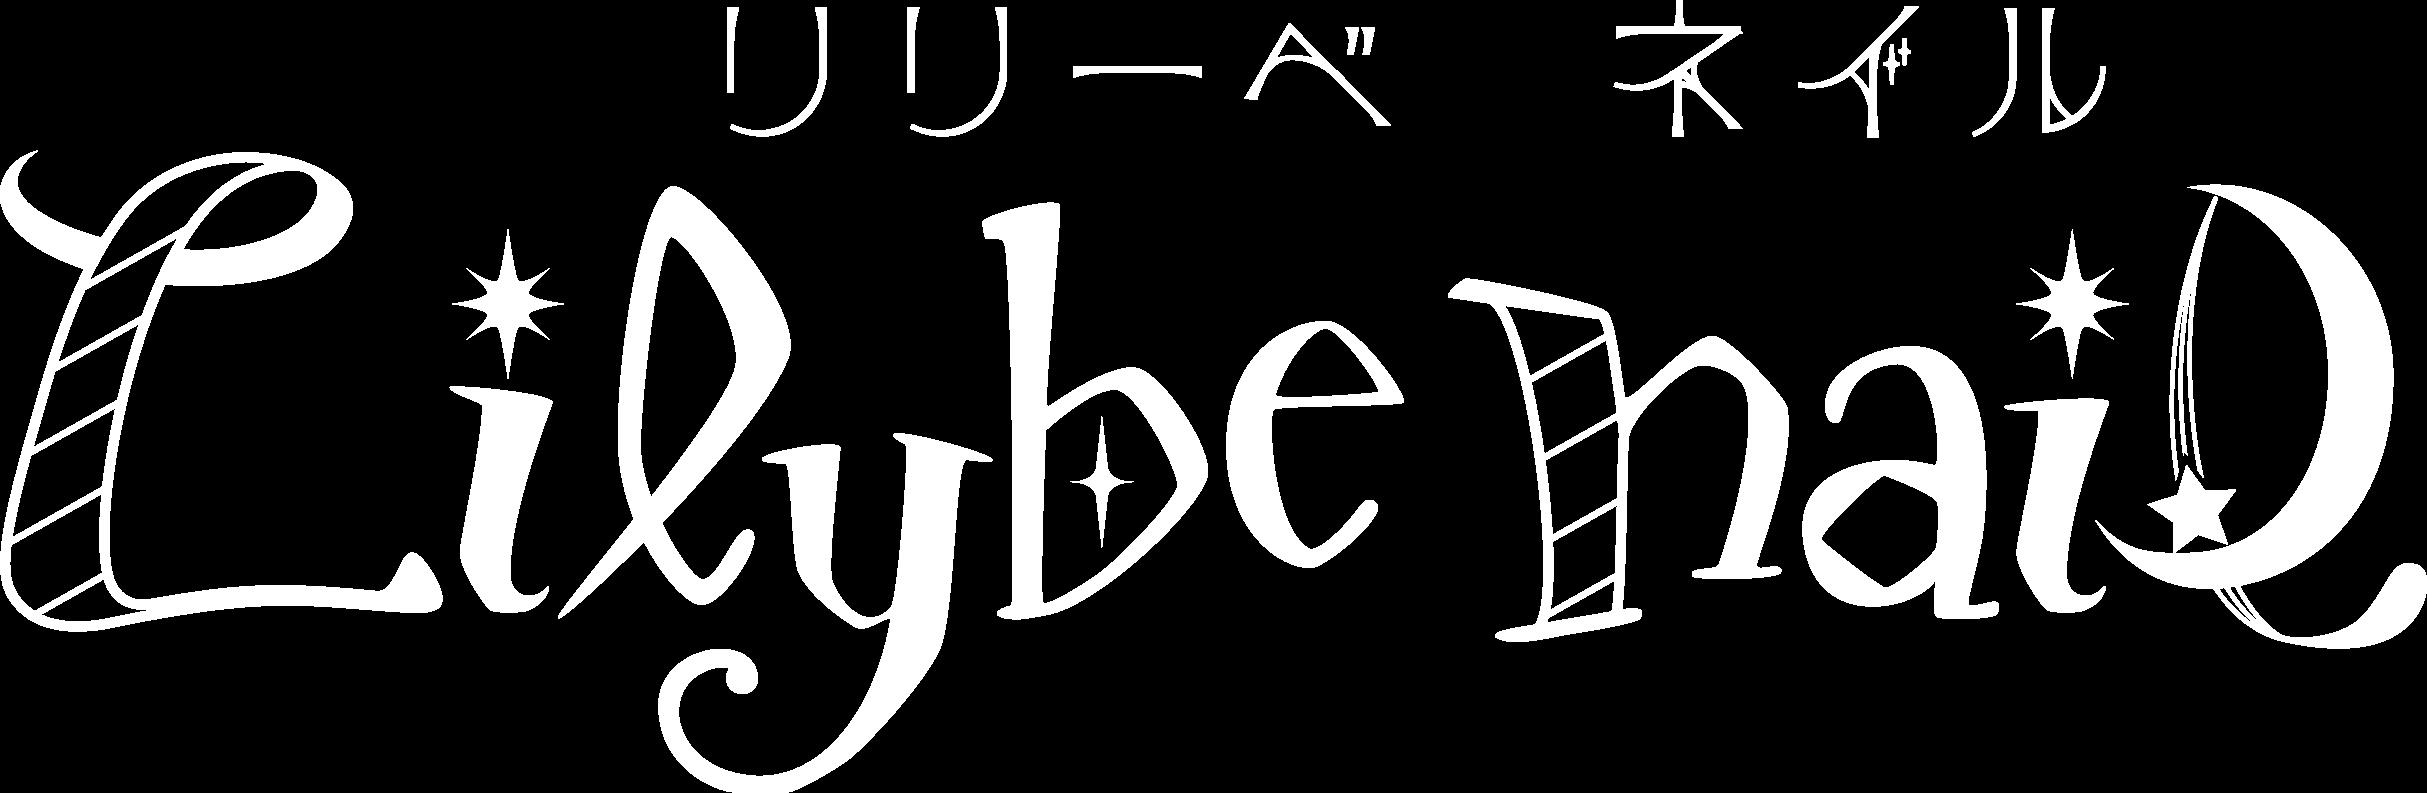 lilybenail